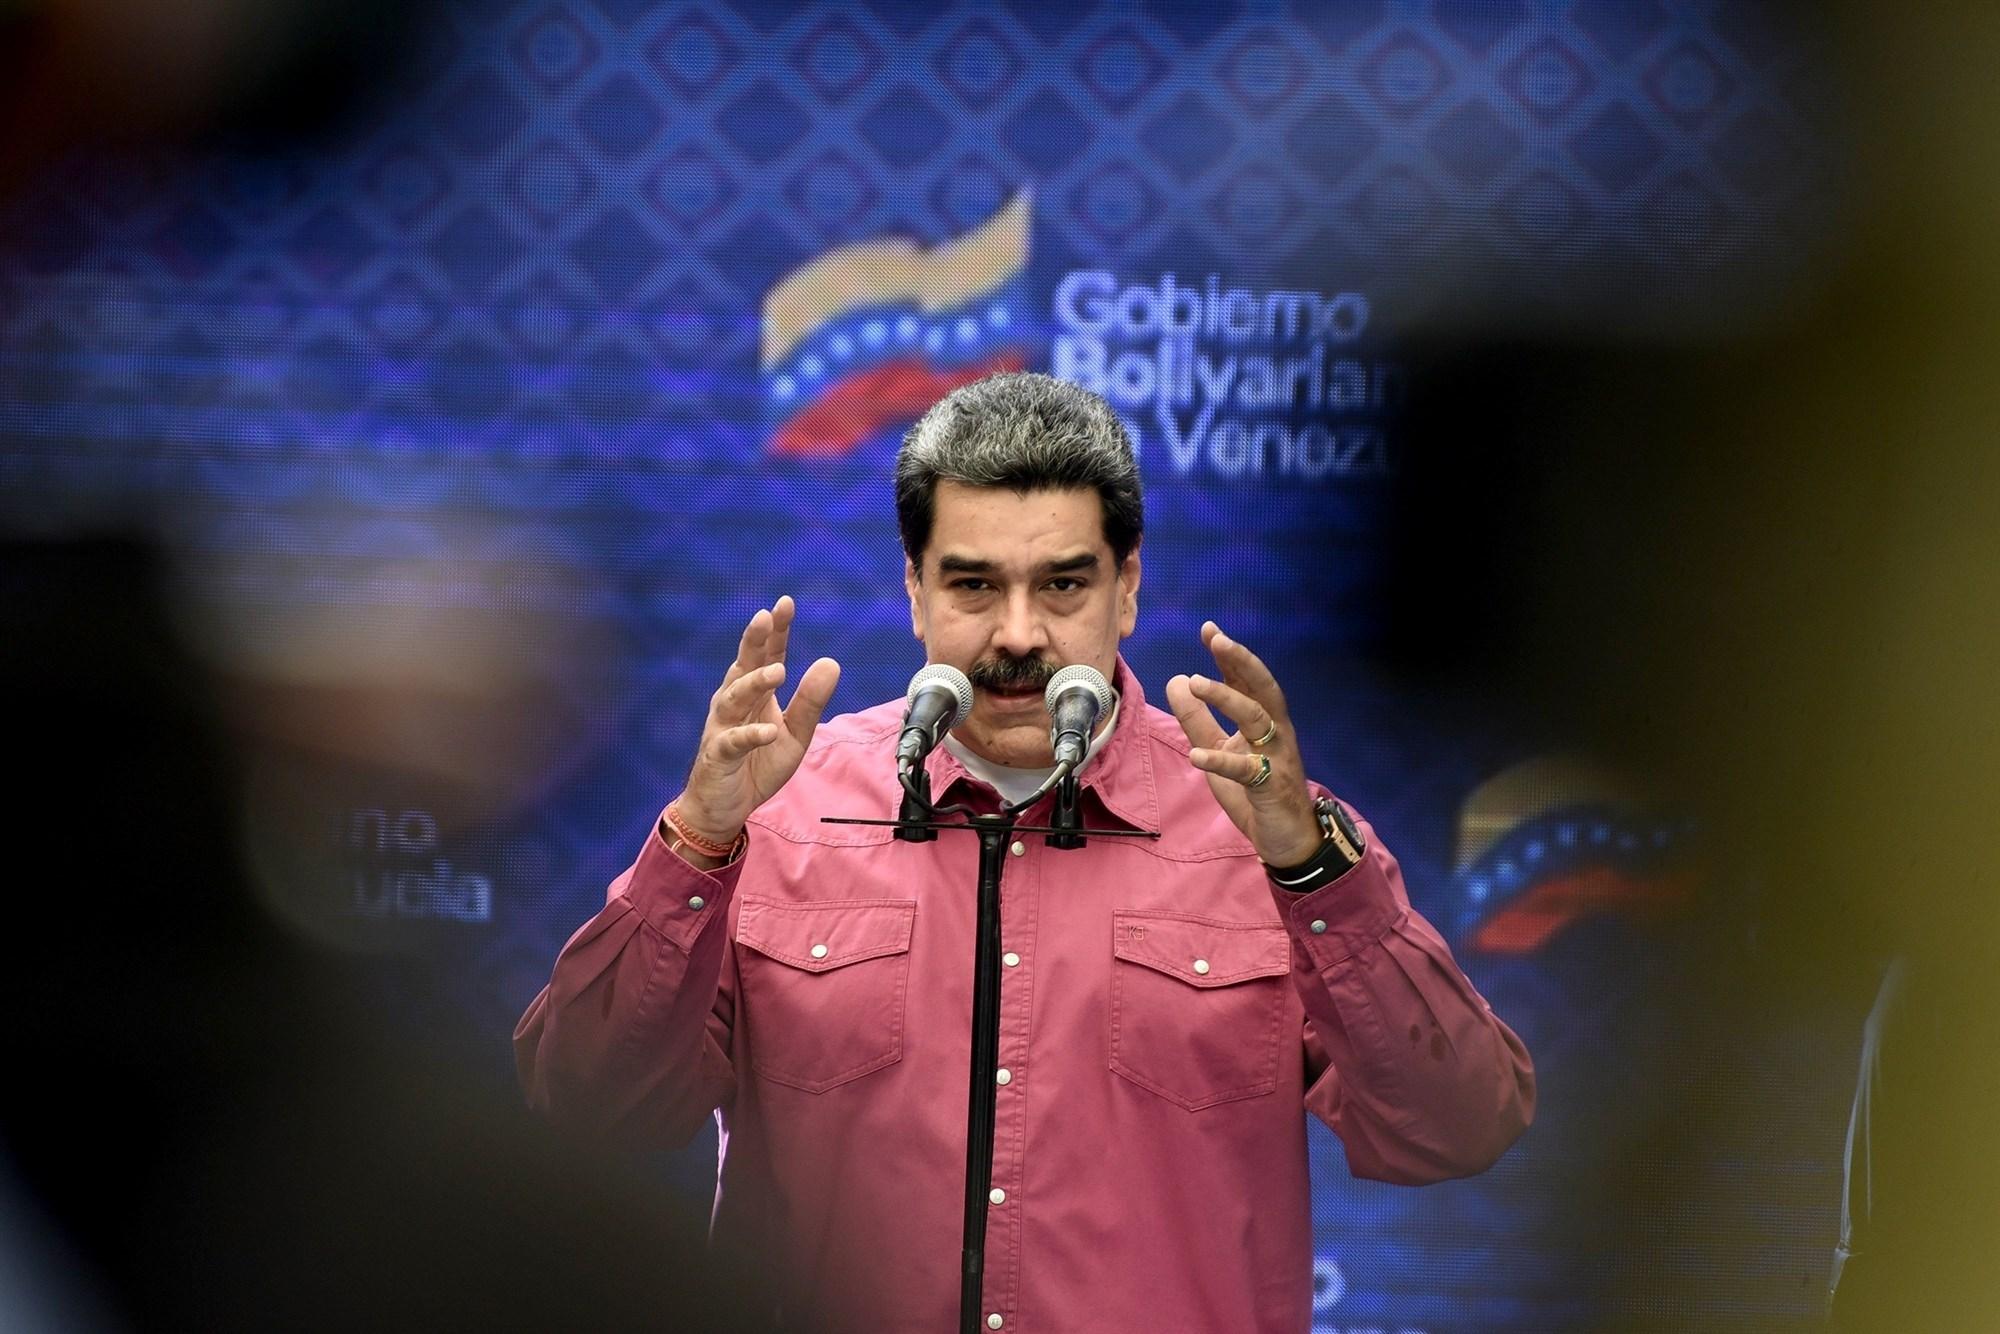 مادورو: انقسام المعارضة أهم أسباب فوز الاتحاد الإشتراكي في فنزويلا